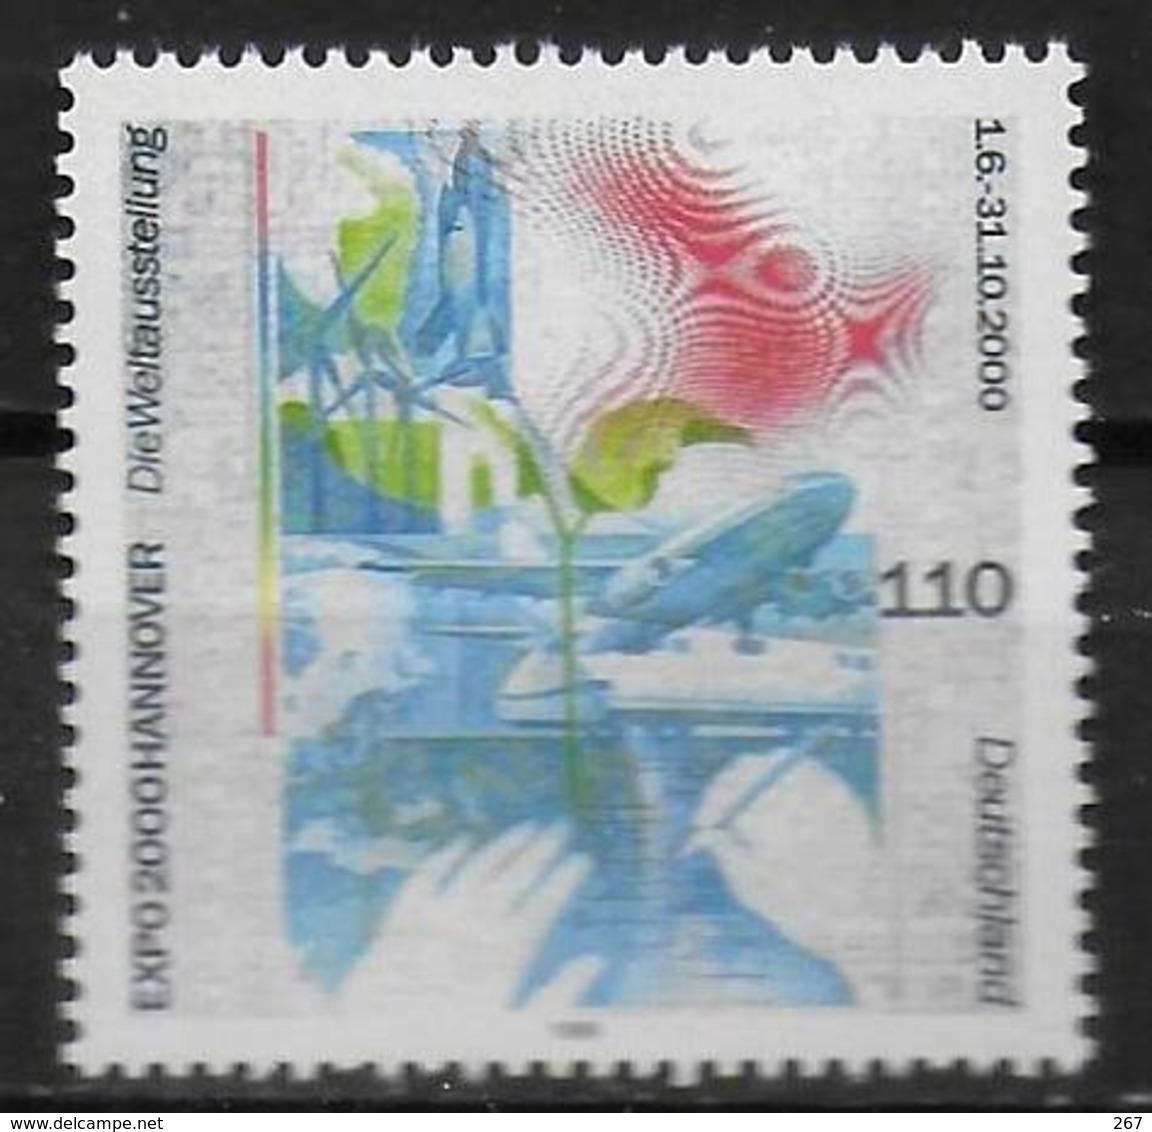 ALLEMAGNE  N°  1874  * *    Exposition Universelle A Hannovre L Homme Et La Nature - 2000 – Hanover (Germany)